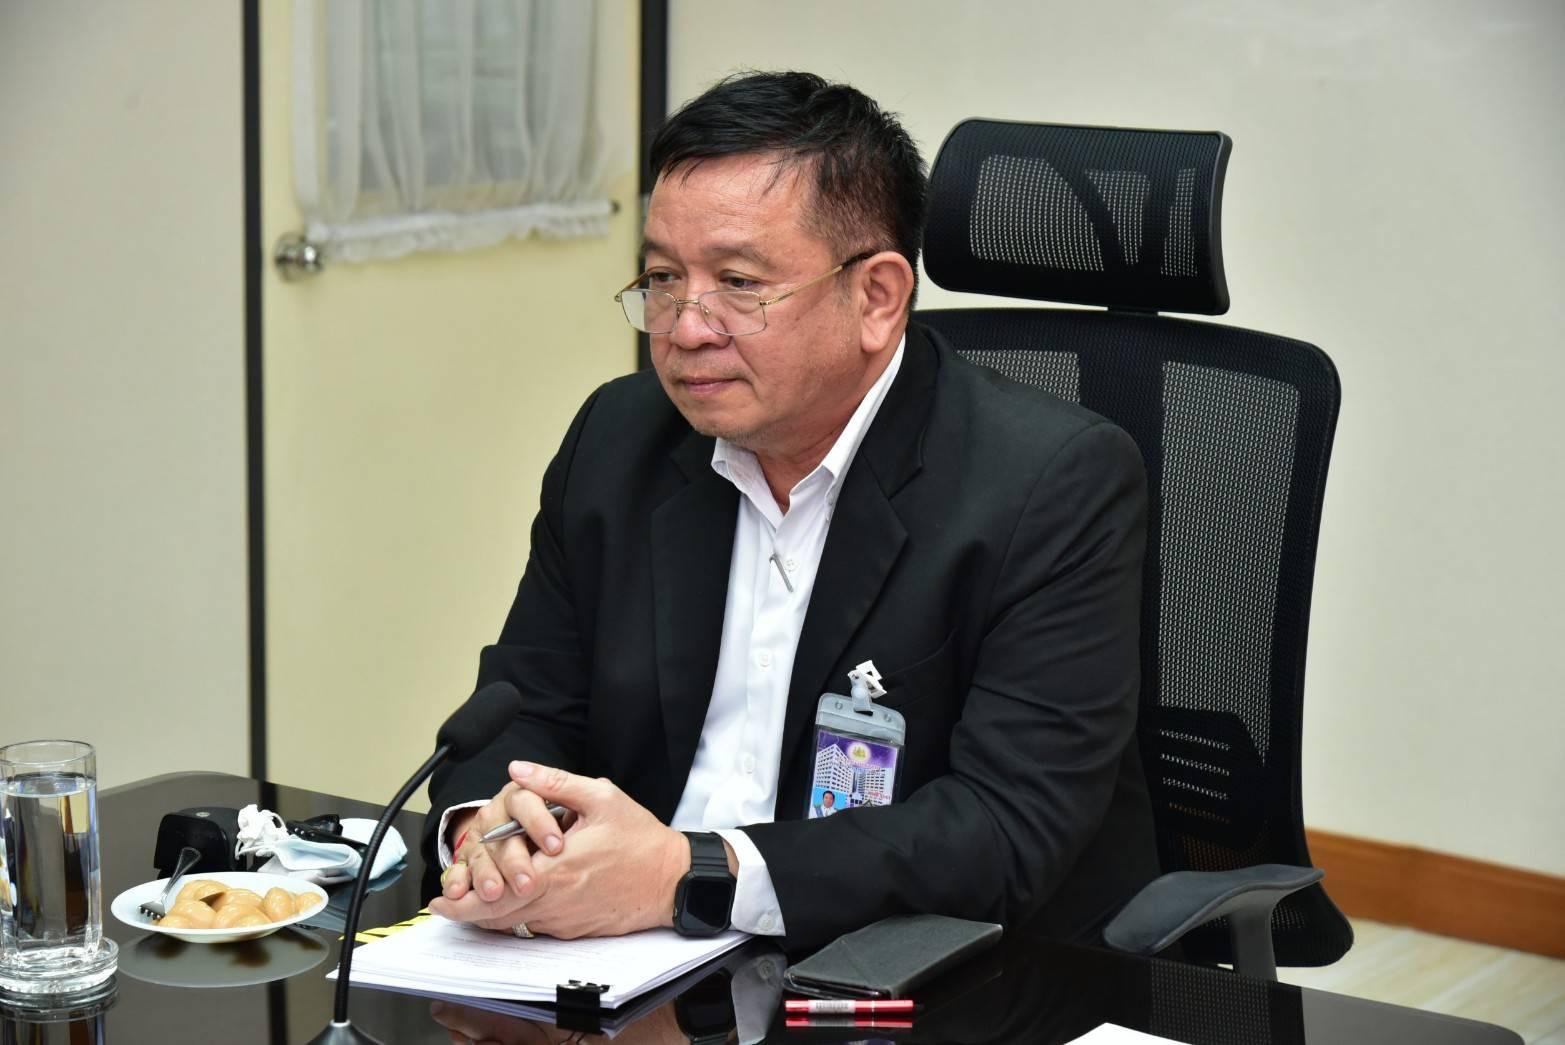 ผู้ตรวจราชการกรม ร่วมประชุมคณะกรรมการเฉพาะกิจแก้ไขปัญหาการทำประมงผิดกฎหมาย ผ่านระบบZoom